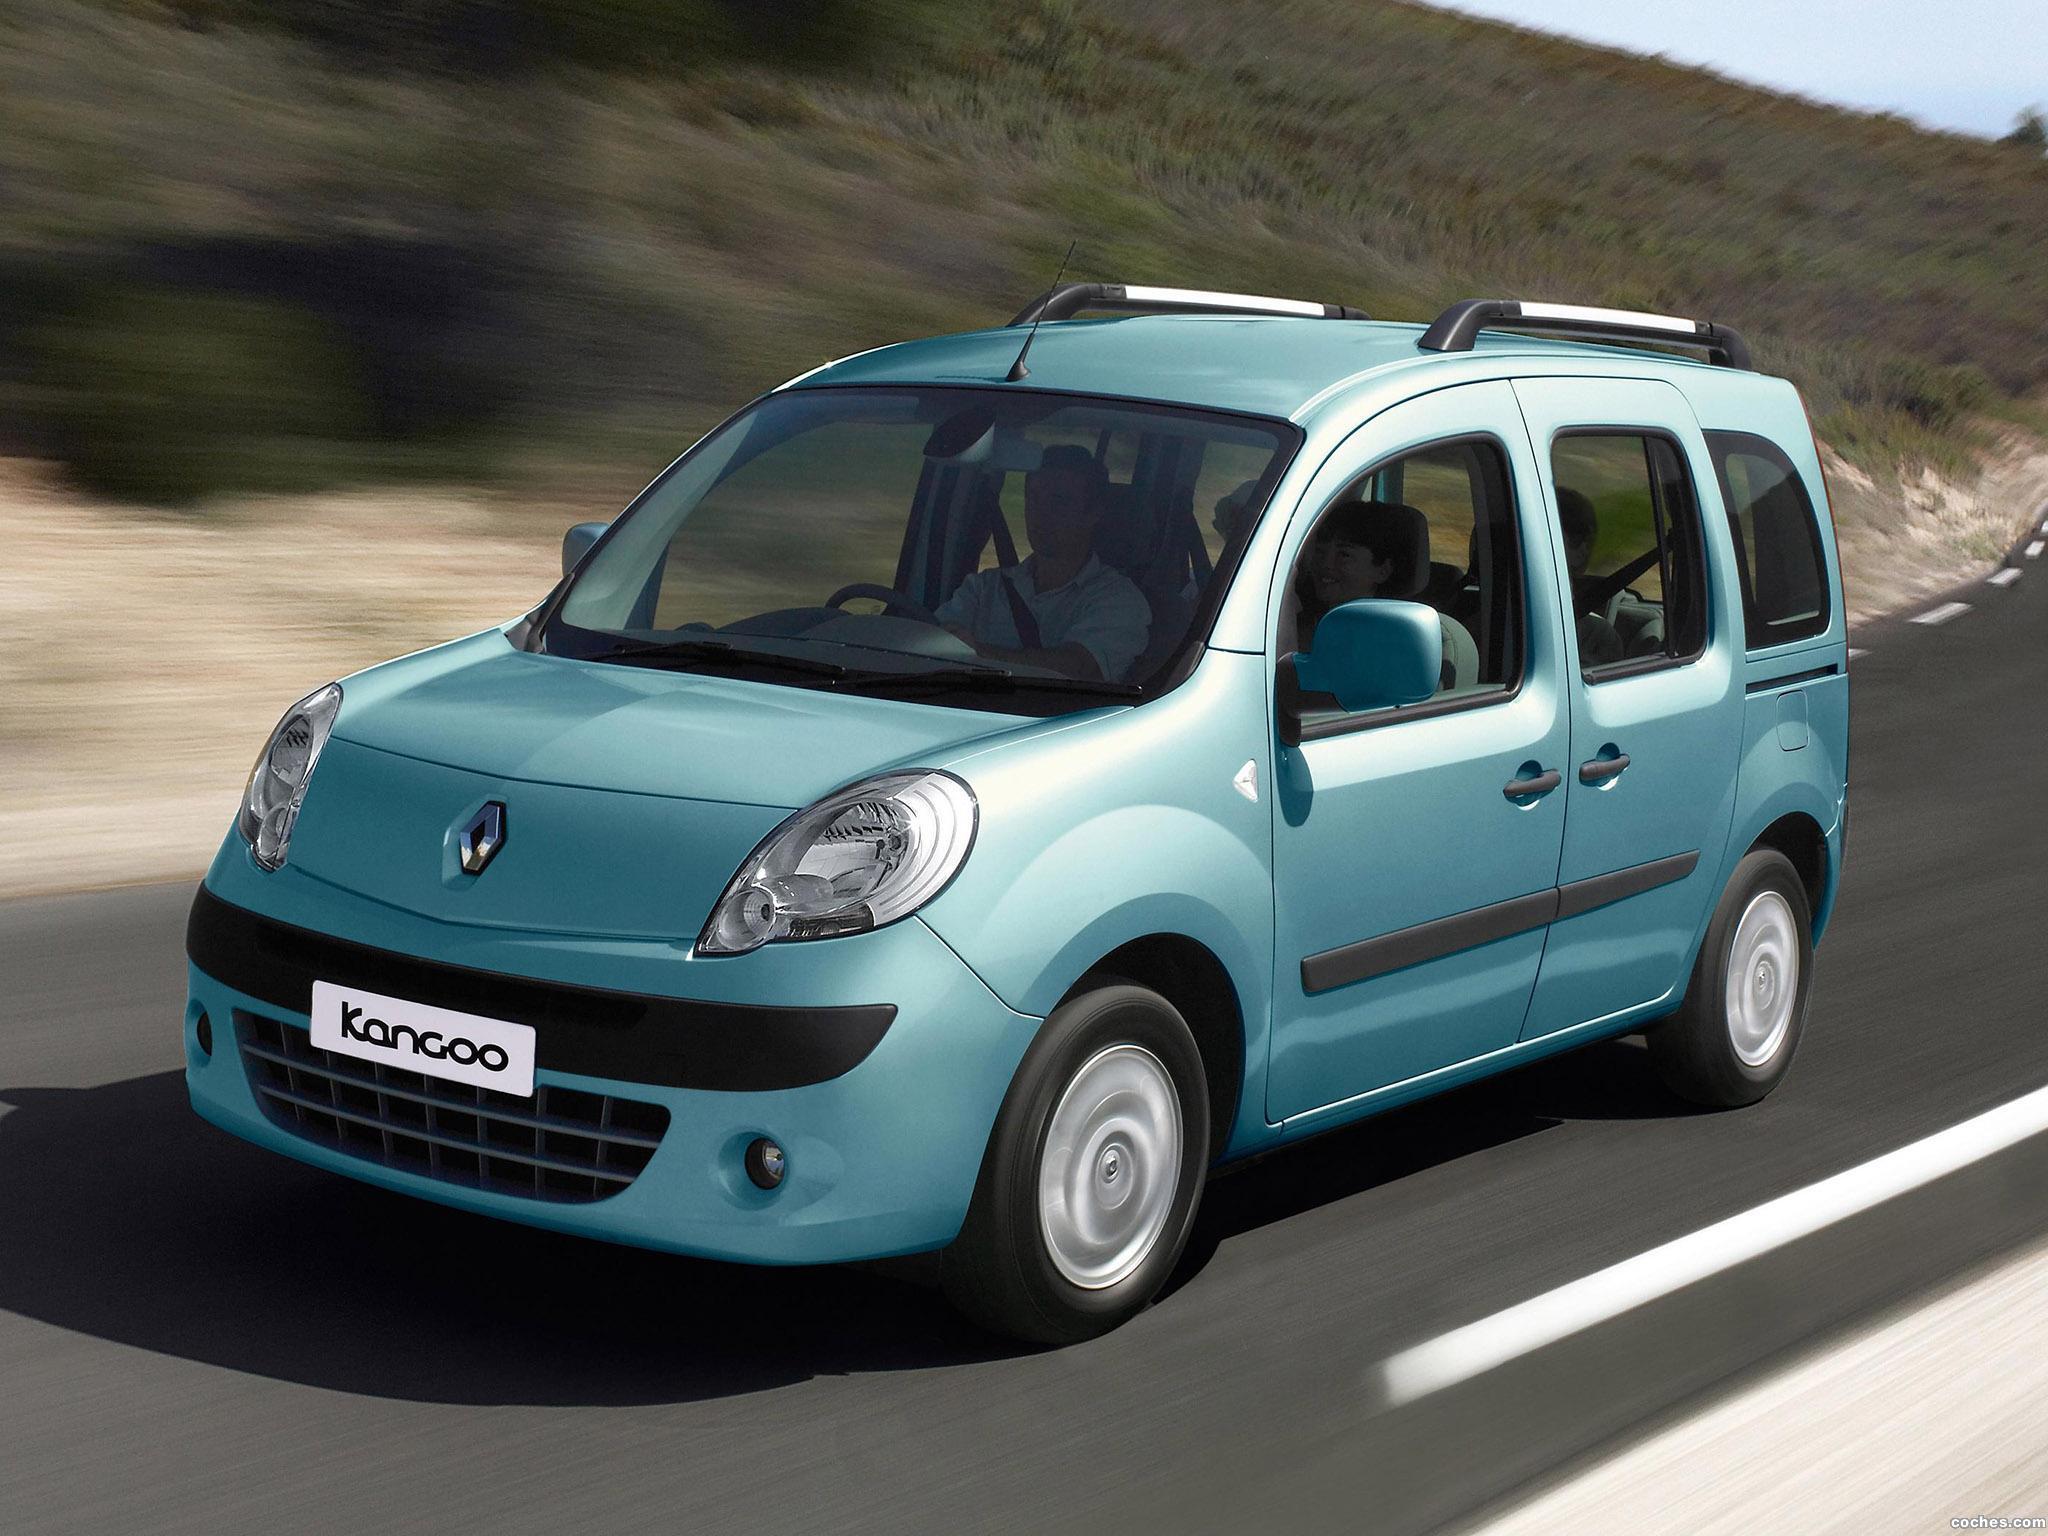 Fotos de Renault Kangoo 2011